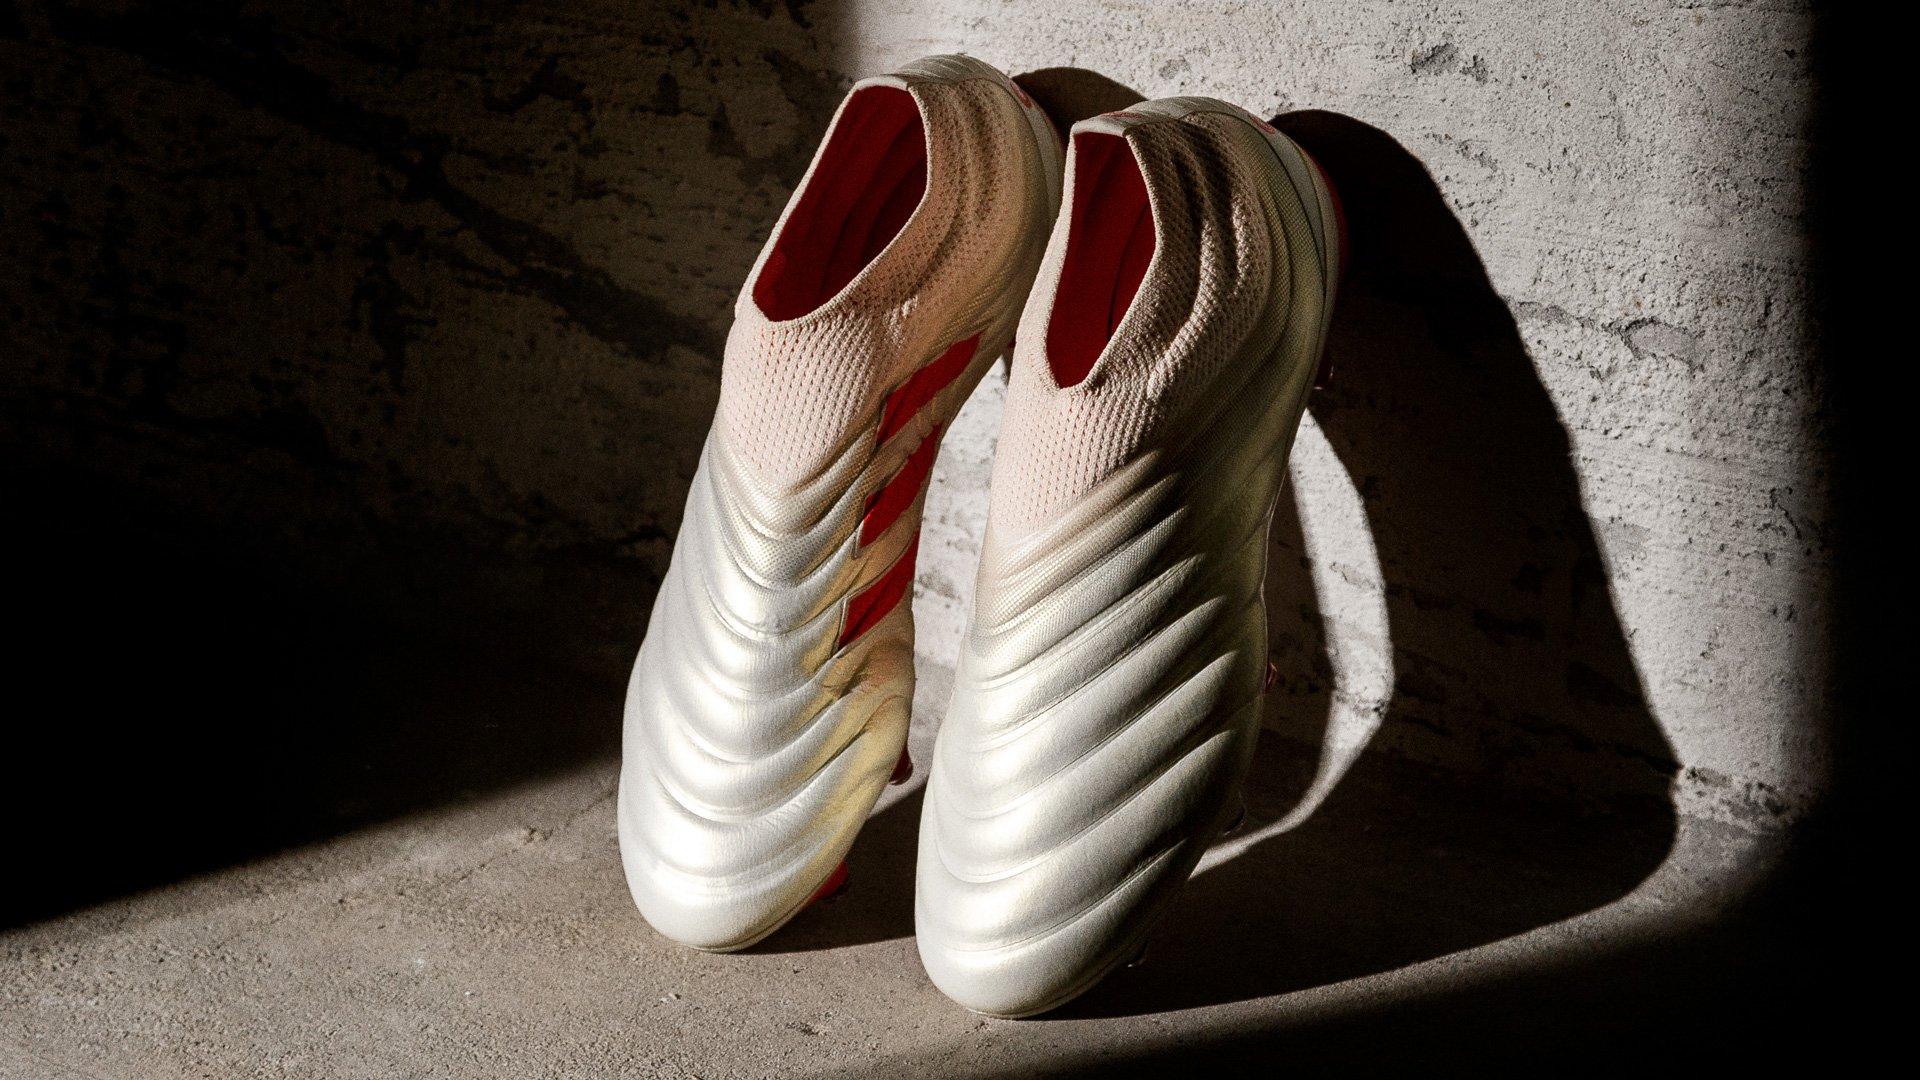 Neuer Copa 19+ | Zeit, die Schnürsenkel wegzulassen |